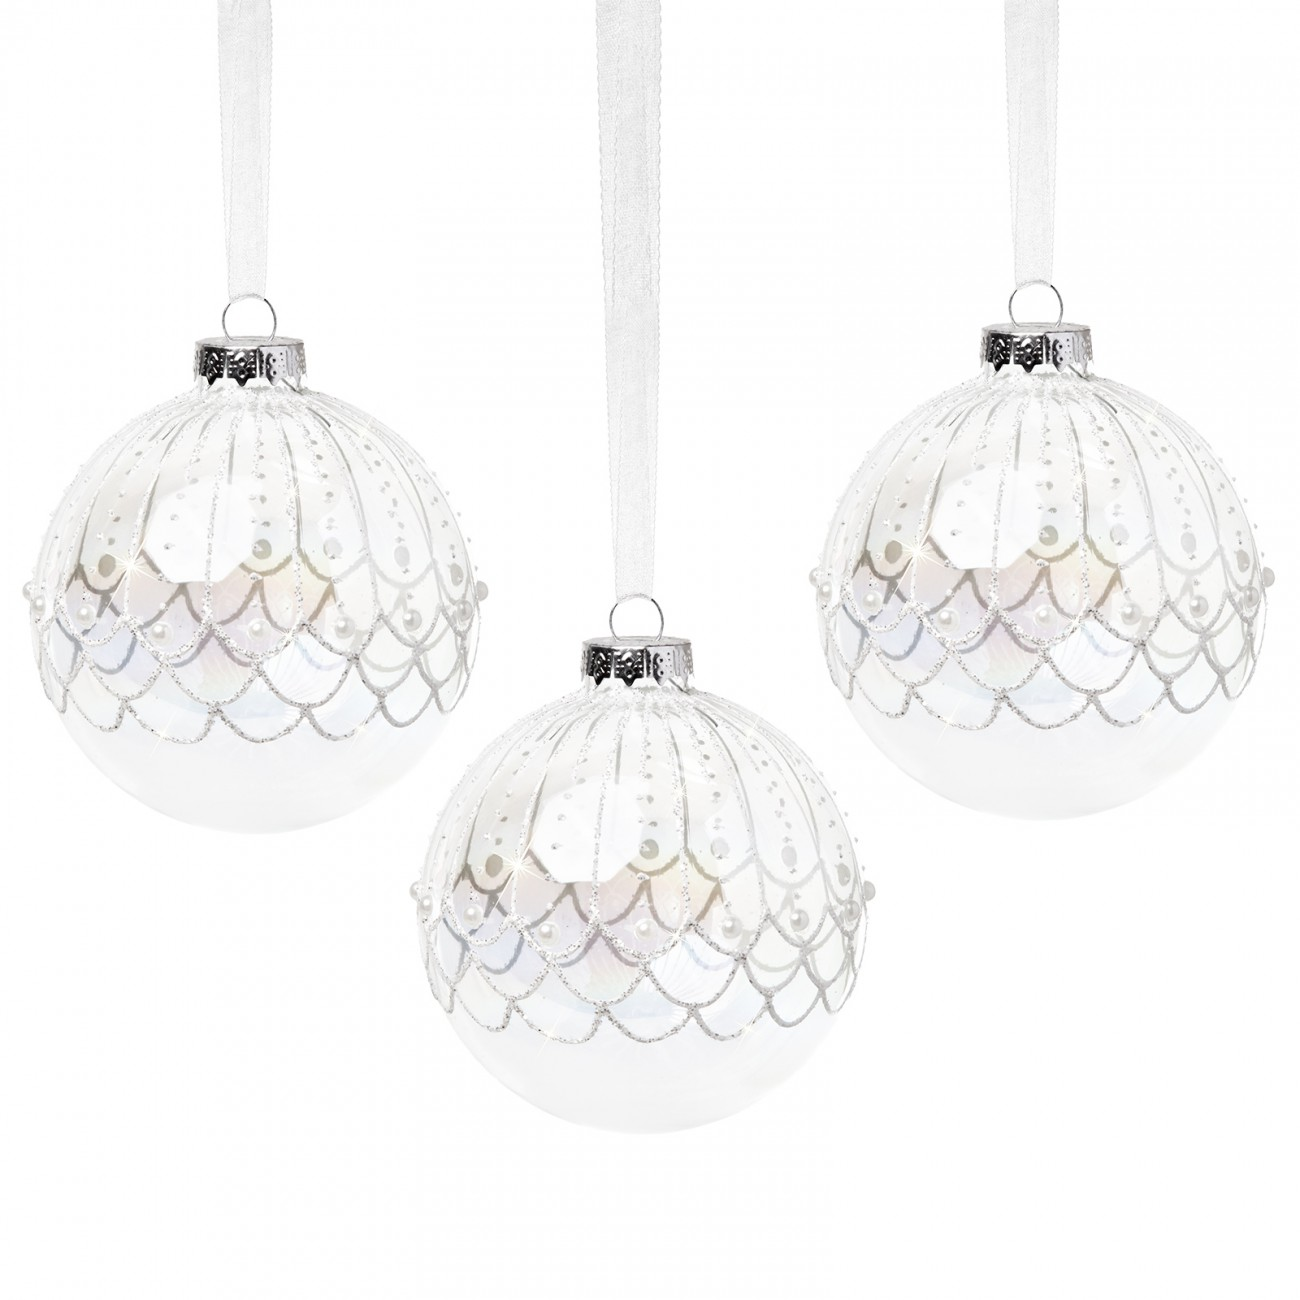 sikora bs383 glas christbaumschmuck weihnachtskugeln 3er. Black Bedroom Furniture Sets. Home Design Ideas